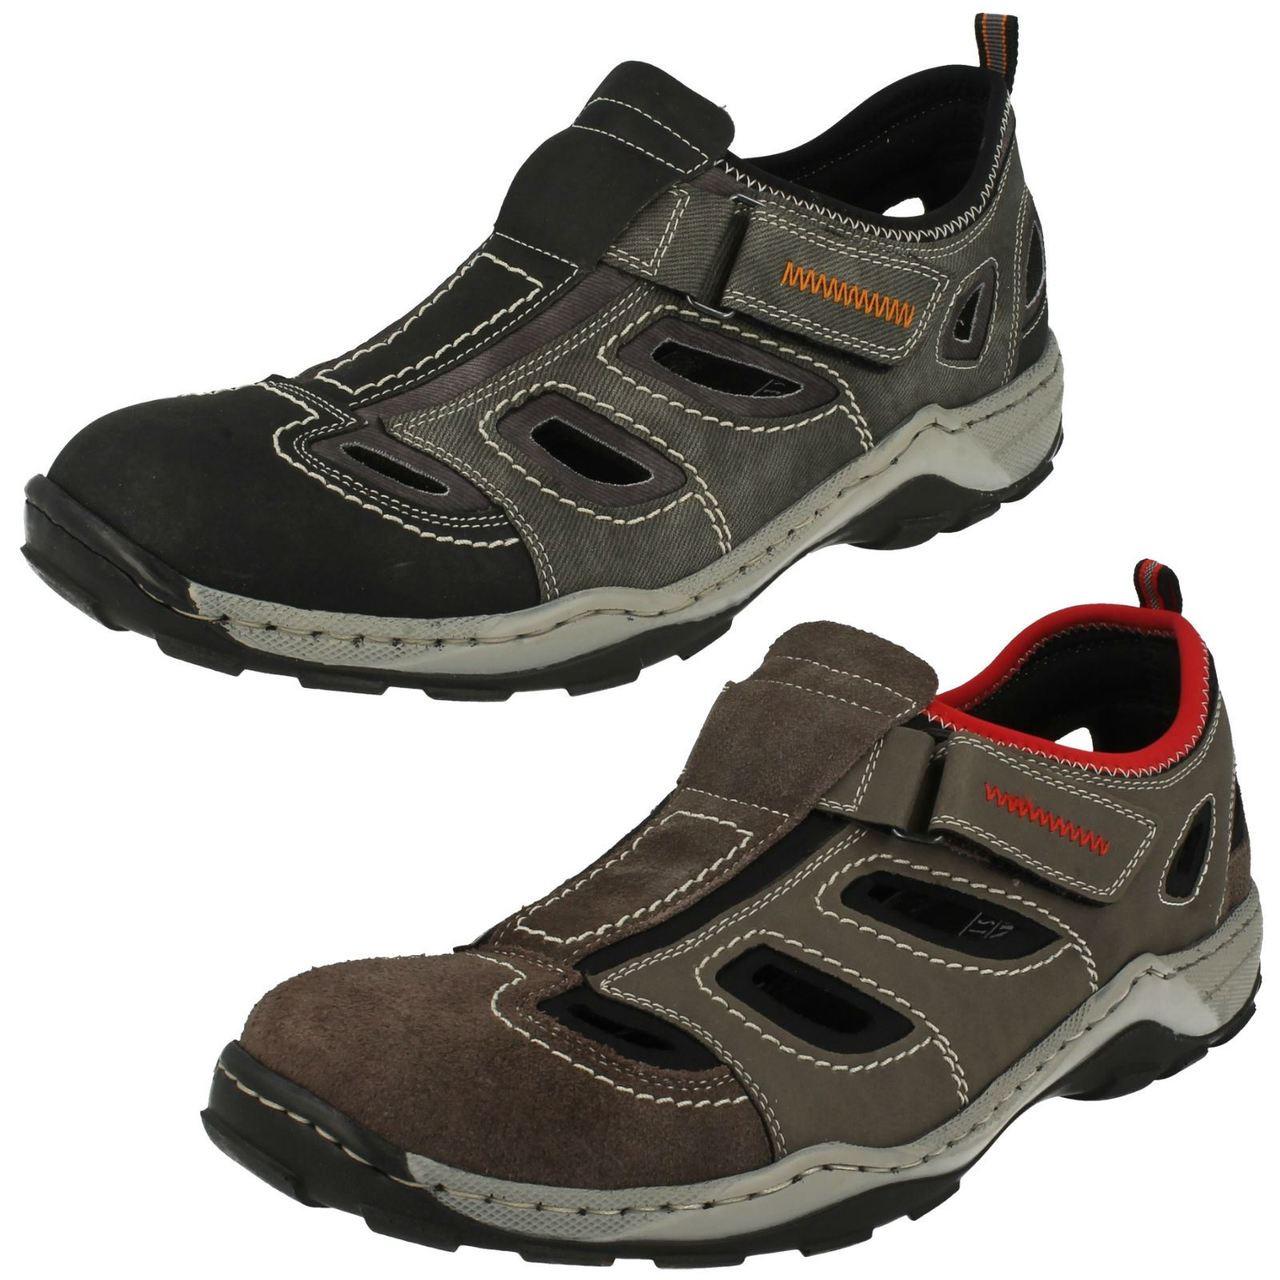 08075 25 Mens Brown hook and loop shoes